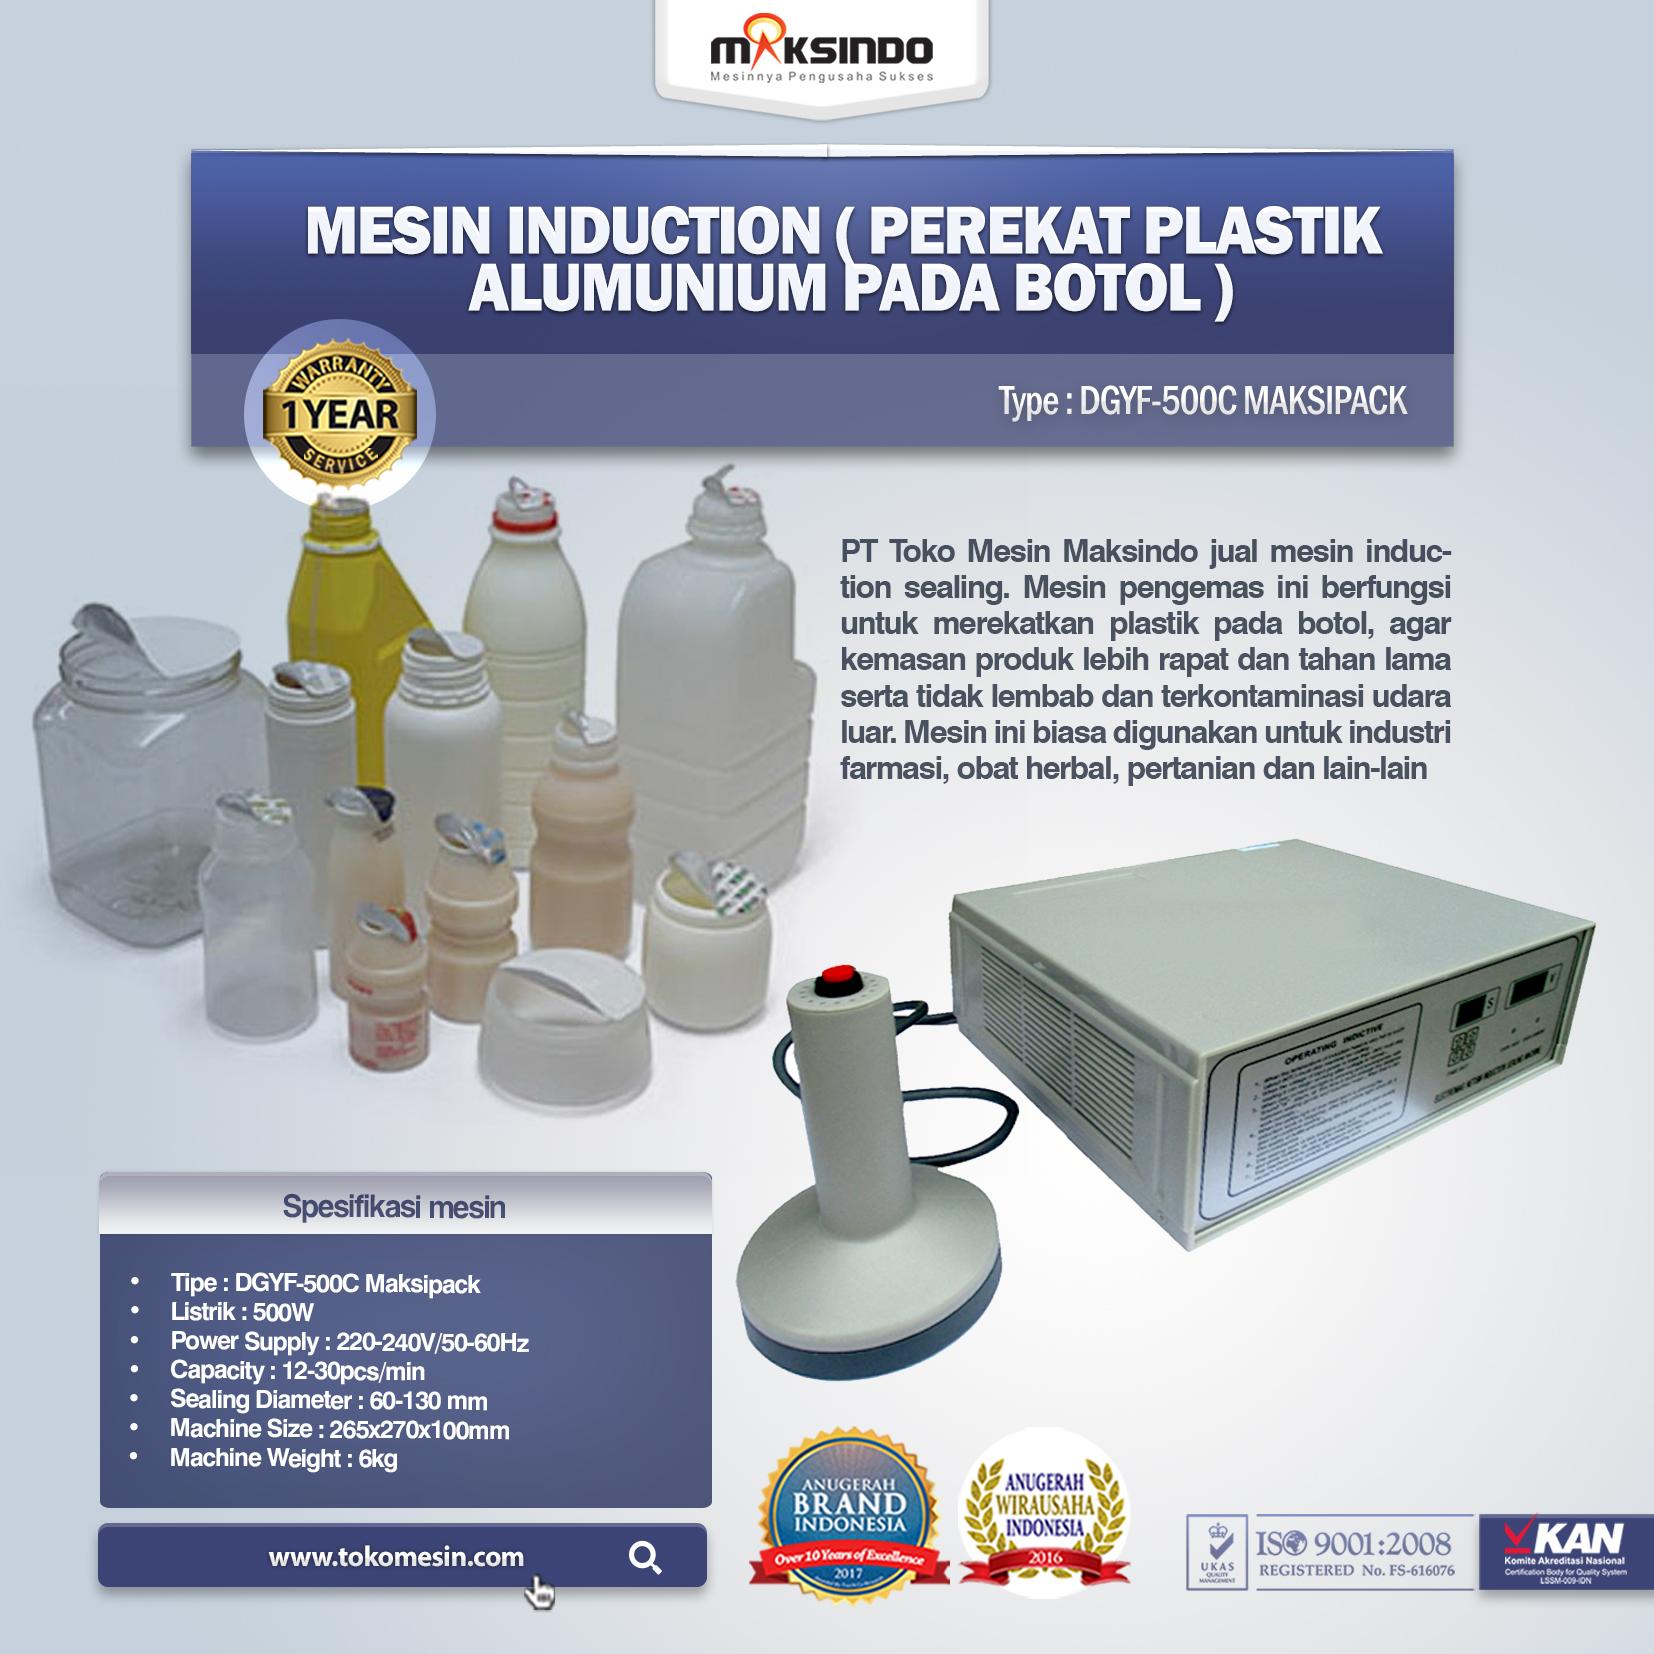 Mesin Induction (Perekat Plastik Alumunium Pada Botol) DGYF-500C Maksipack